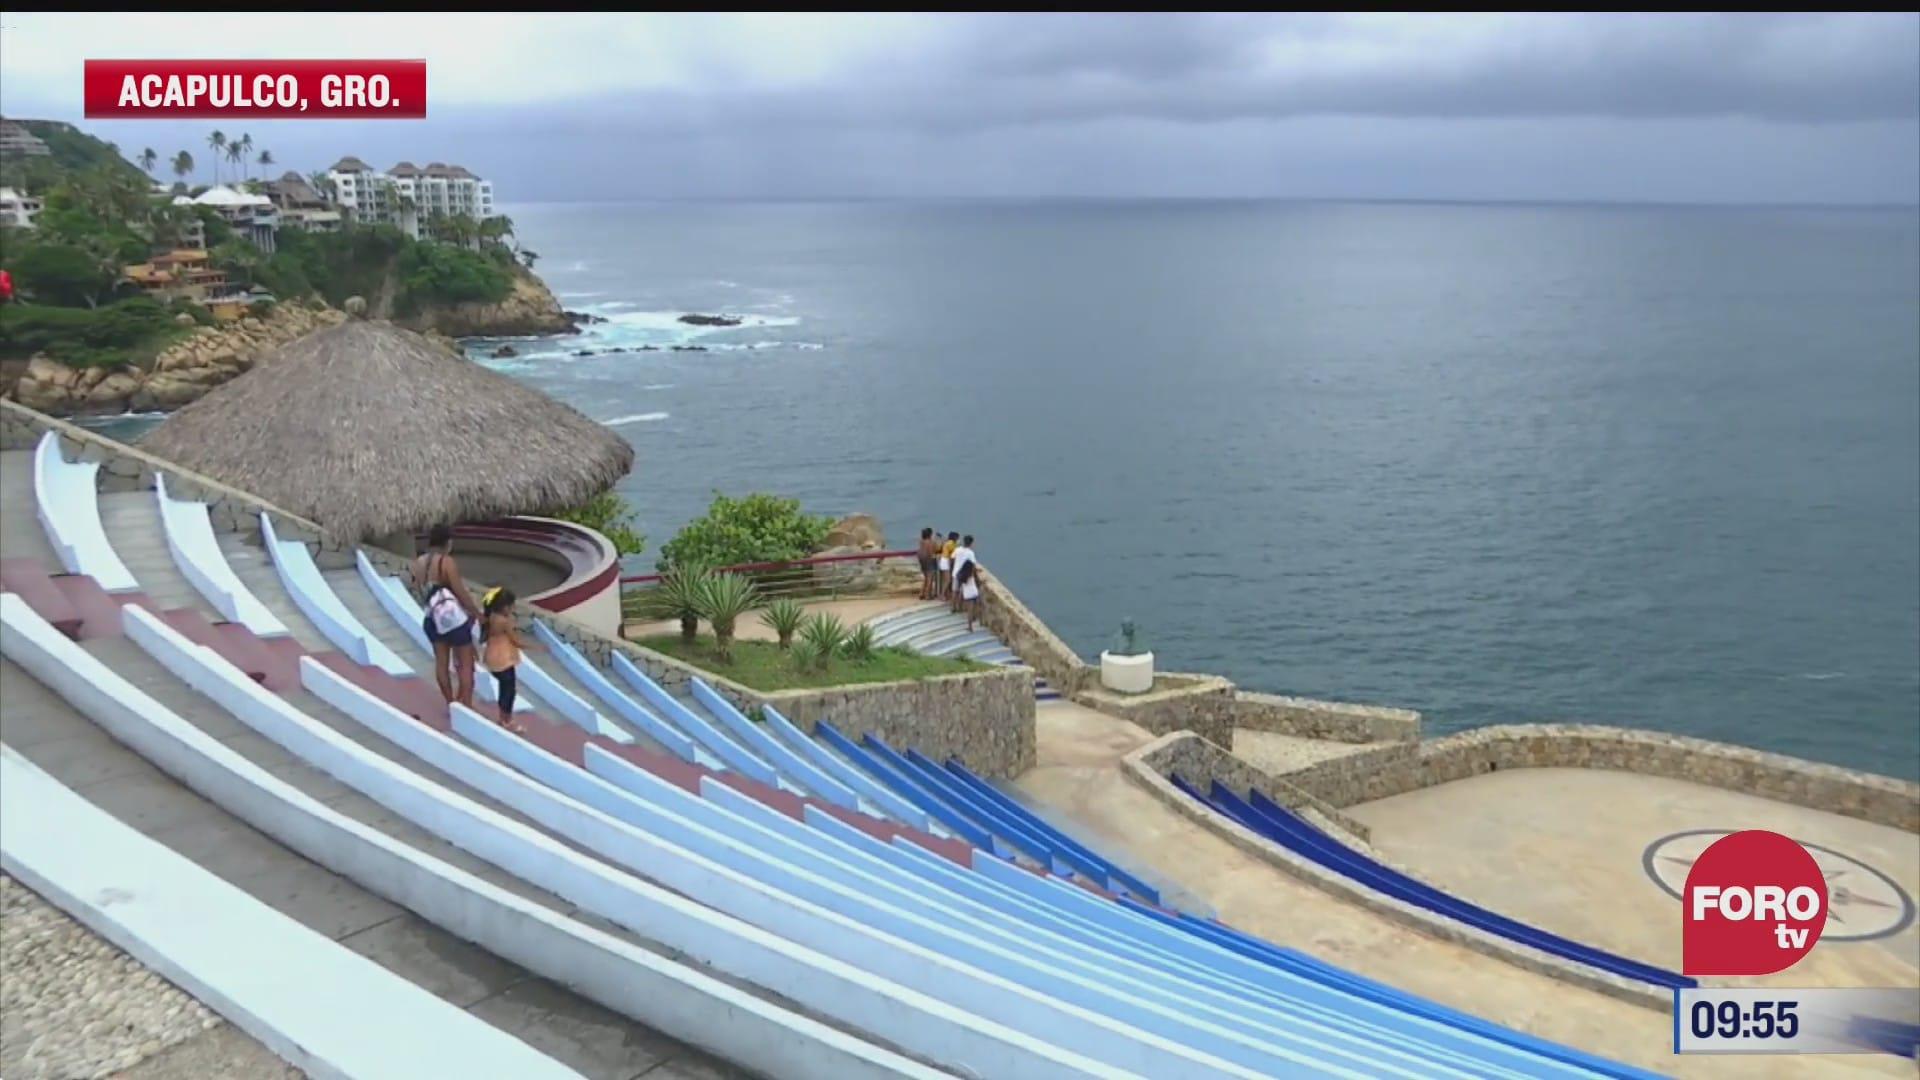 corredor turistico sinfonia del mar en acapulco guerrero